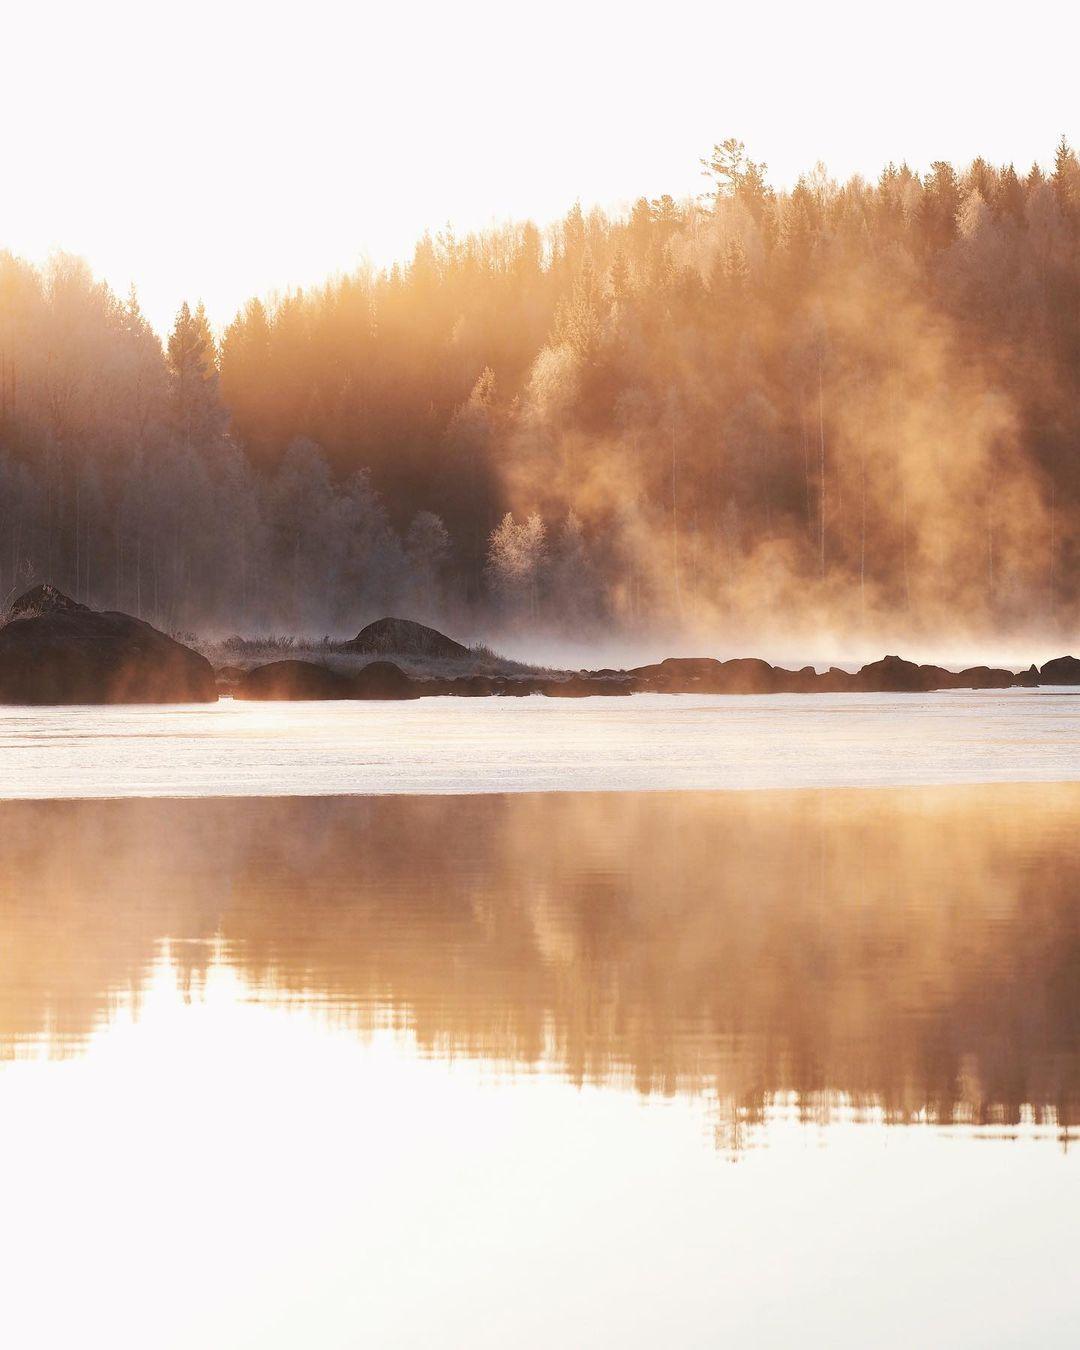 Красота природы в объективе Сандры Линнелл